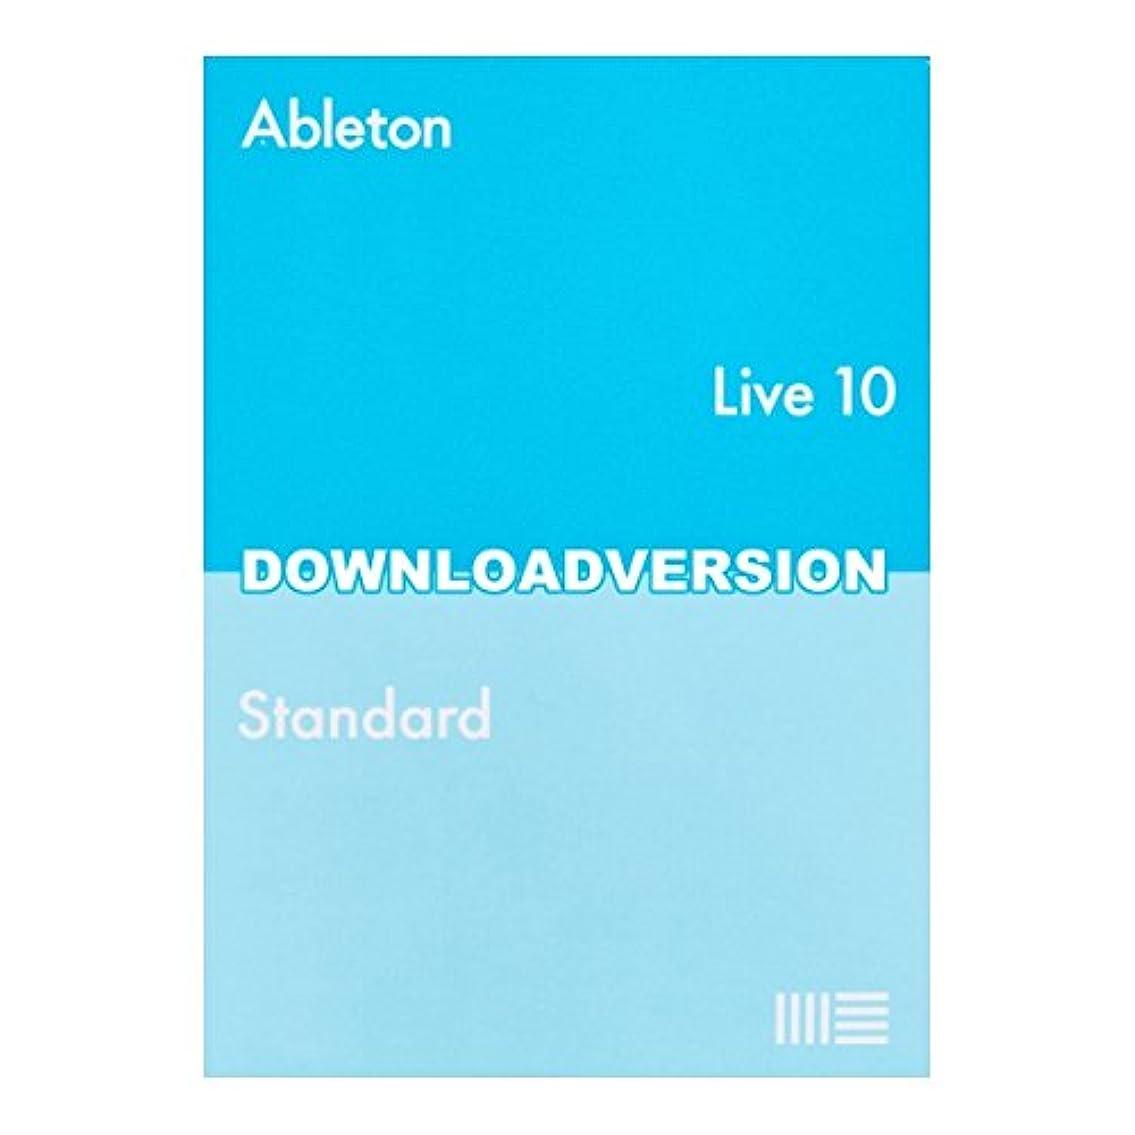 イベント文明モートAbleton Live10 Standard アカデミック版 楽曲制作ソフト【ダウンロード版】 エイブルトン